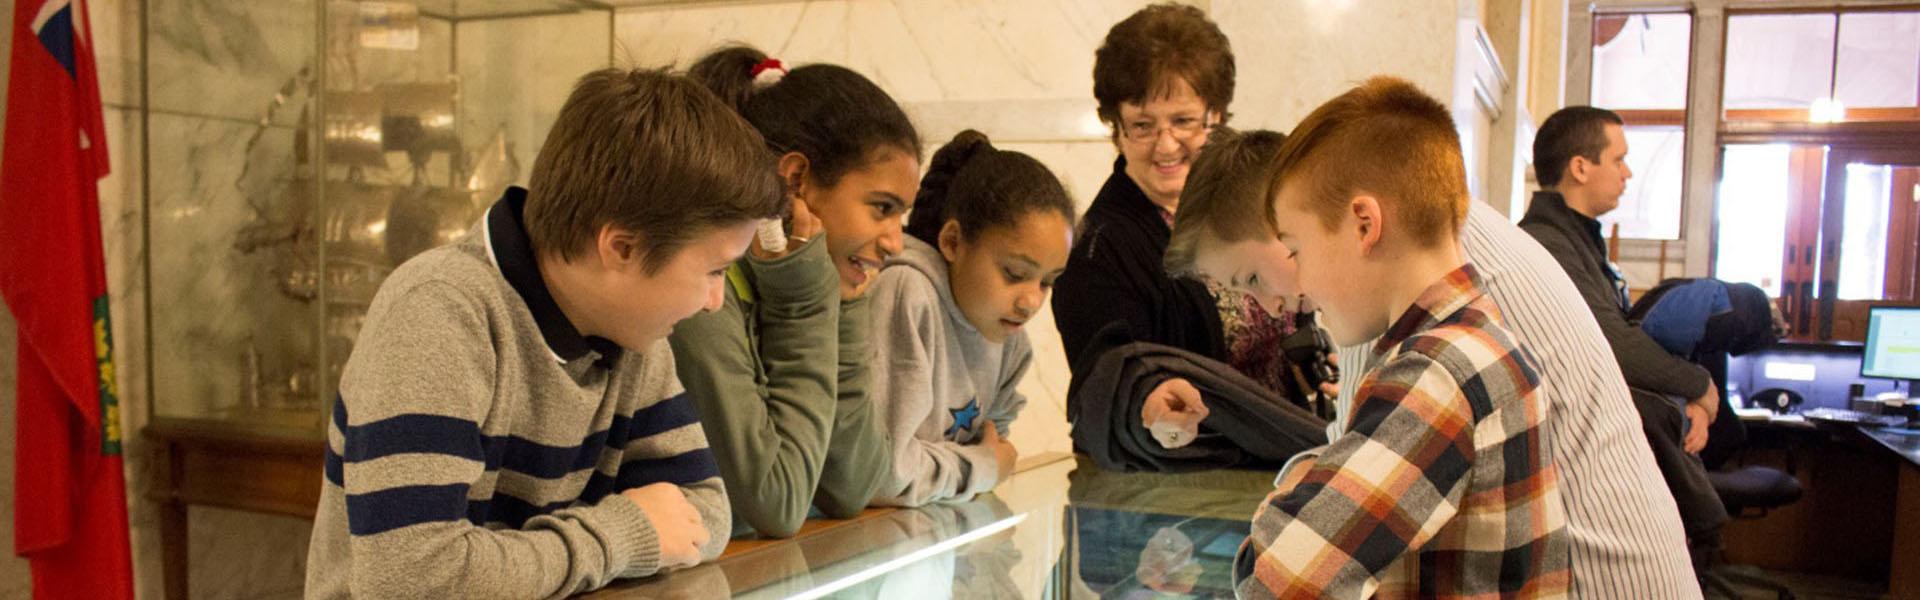 Les étudiants debout une exposition, École Harriet Tubman